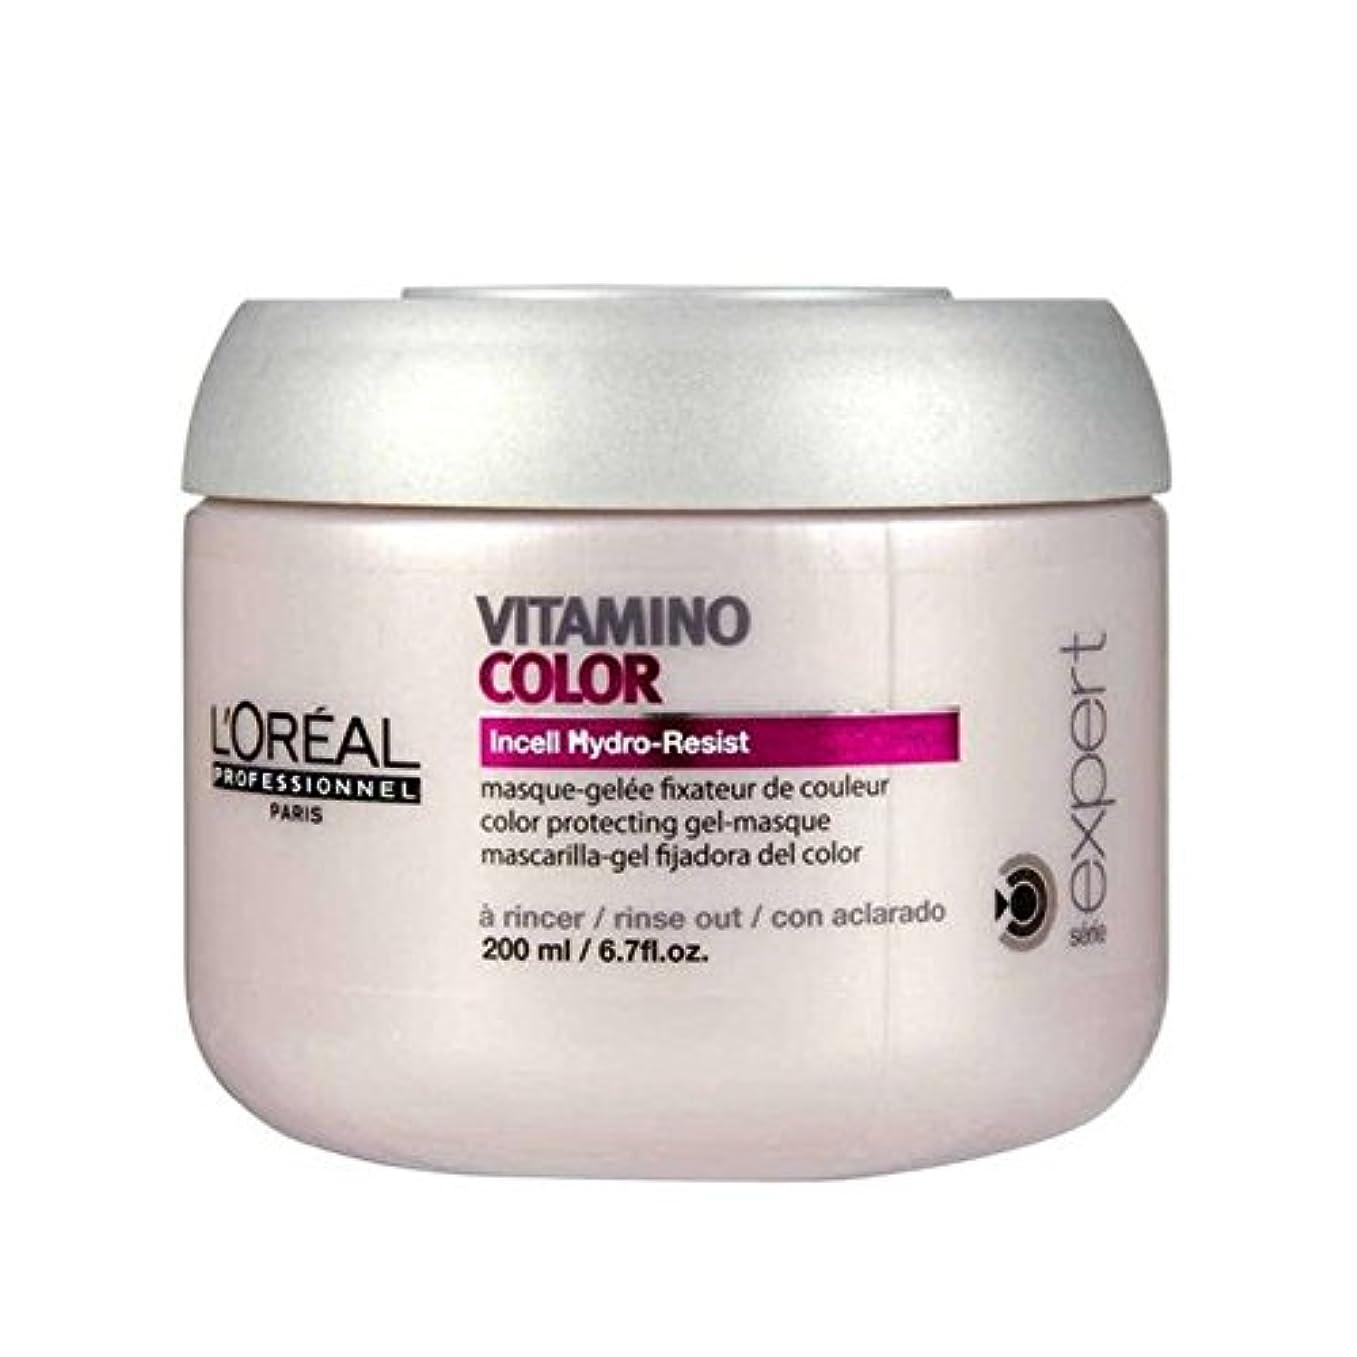 飛躍幾分同種のL'Oreal Professionnel Serie Expert Vitamino Color Masque (200ml) (Pack of 6) - ロレアルのプロフェッショナルは、専門家カラー仮面劇(200ミリリットル)をセリエ x6 [並行輸入品]